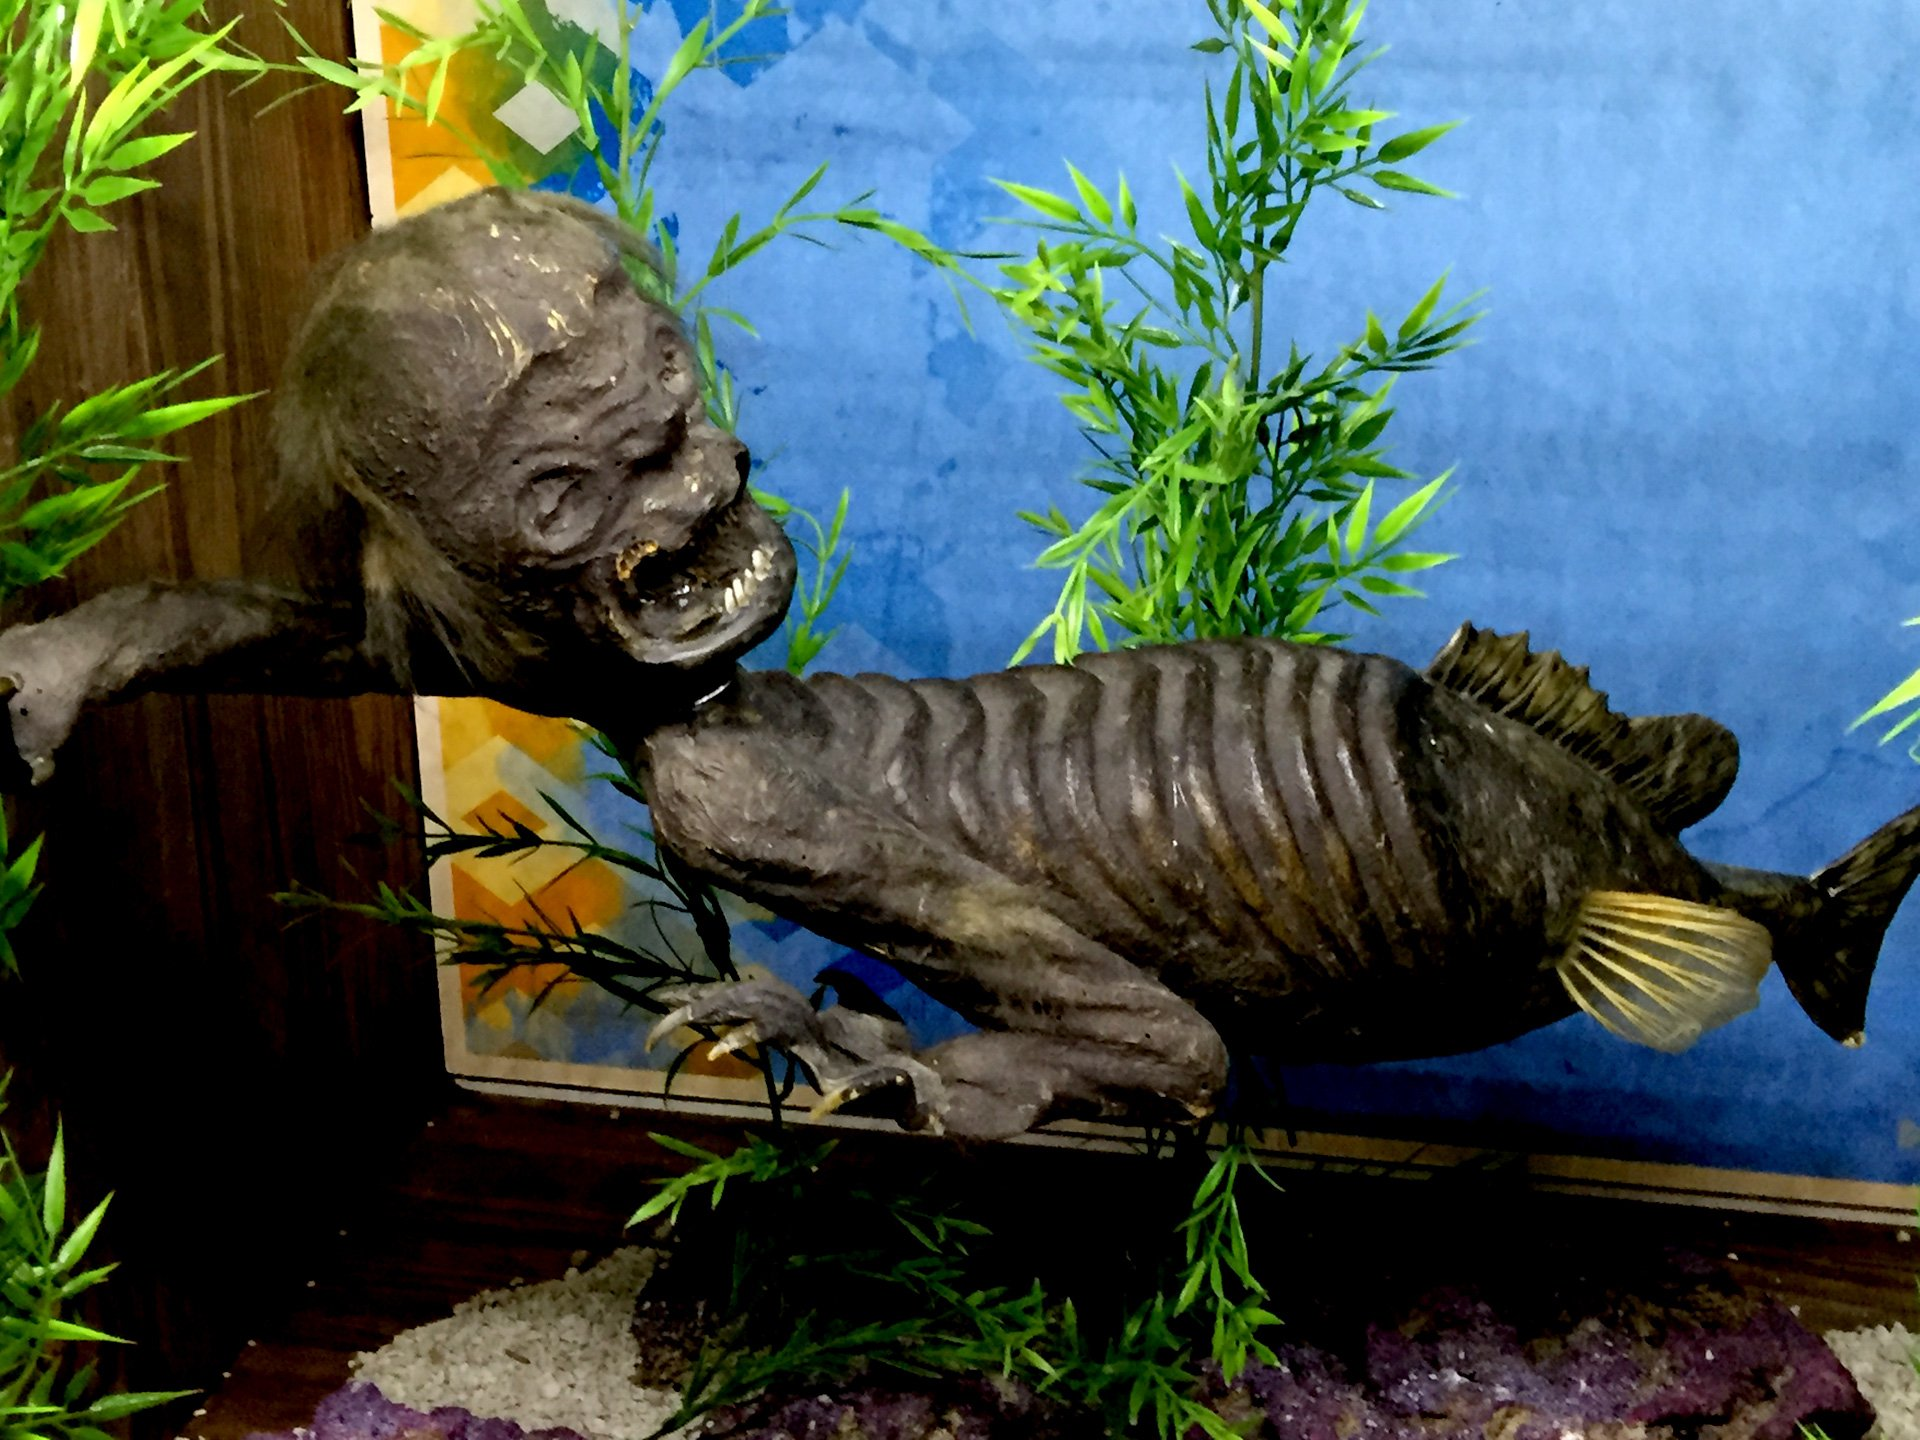 Poniendo los Ripley en el acuario de Ripley de Canadá